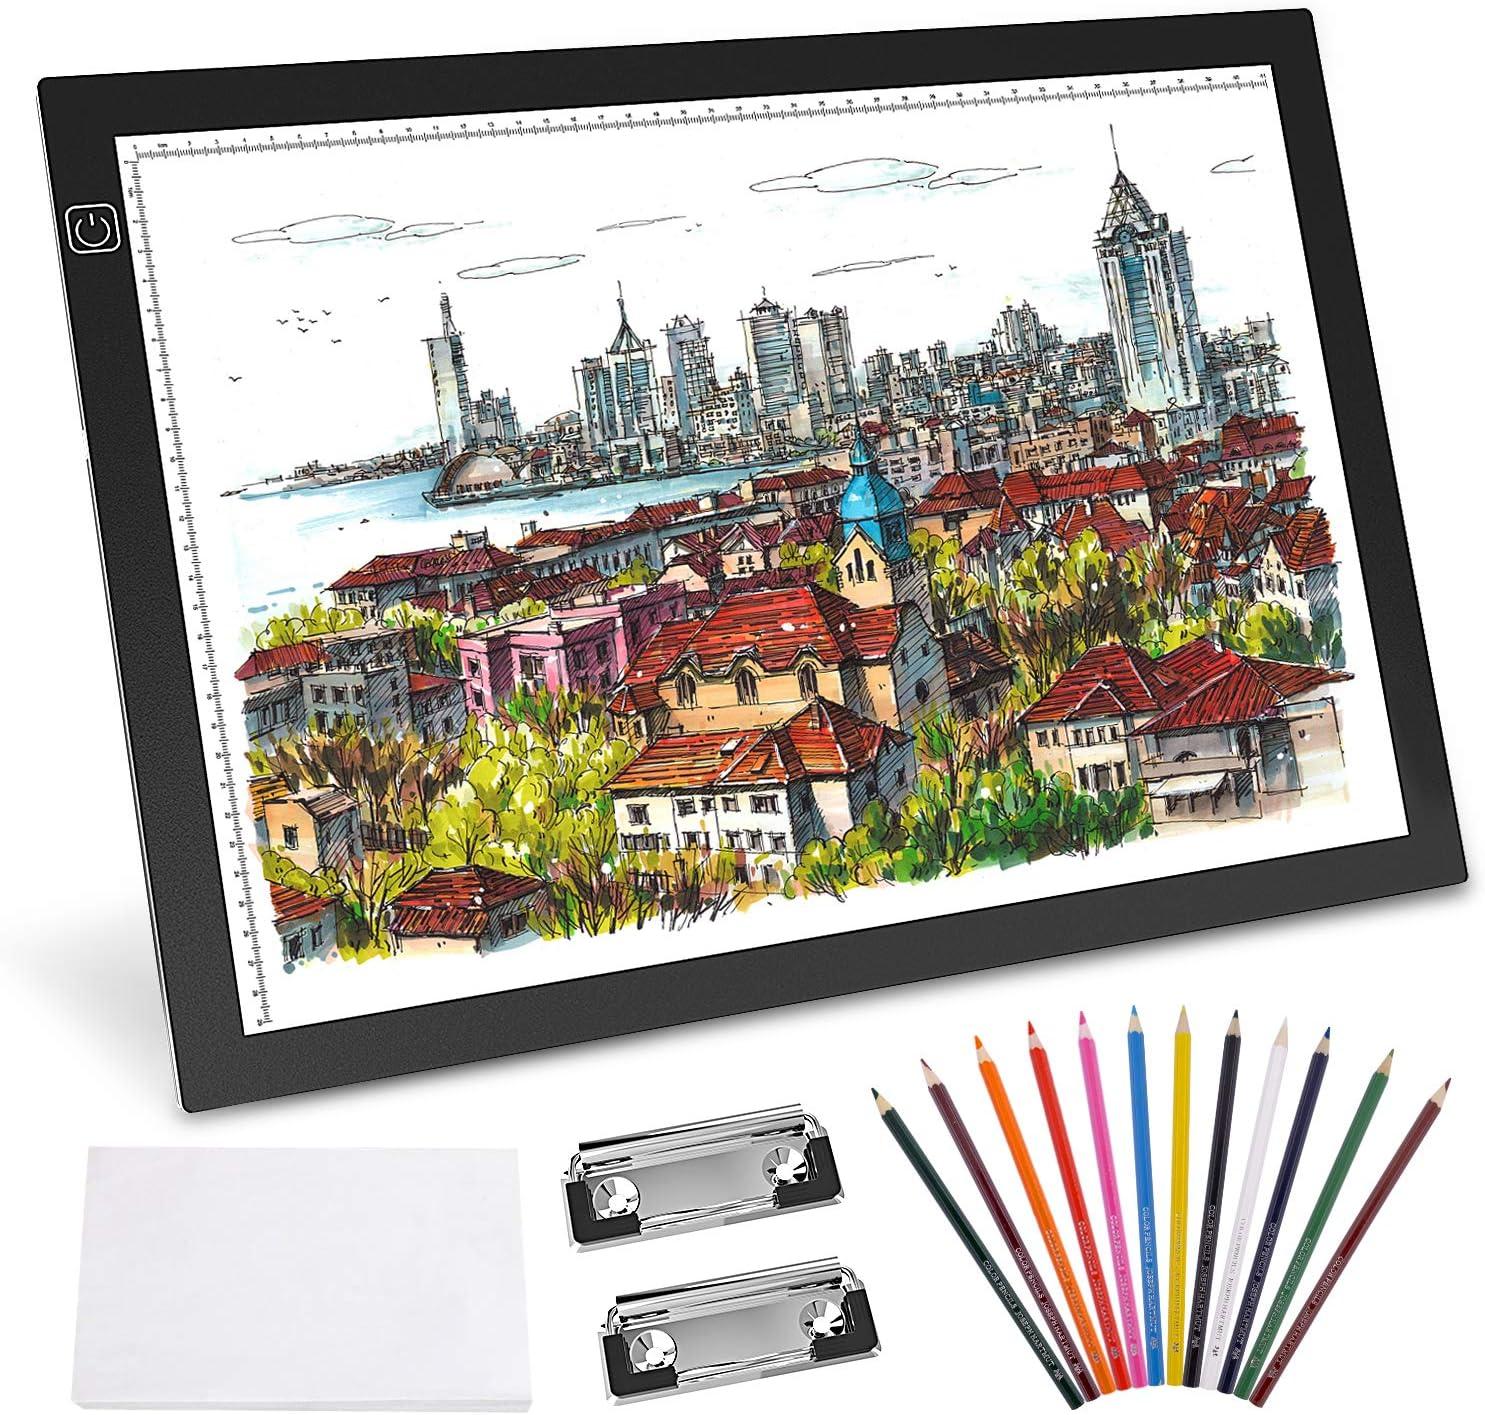 Gvoo A3 - Mesa luminosa LED, caja de luz LED, ultrafina, control táctil y brillo ajustable para dibujar, esbozar, superficie de dibujo, caligrafía: Amazon.es: Hogar